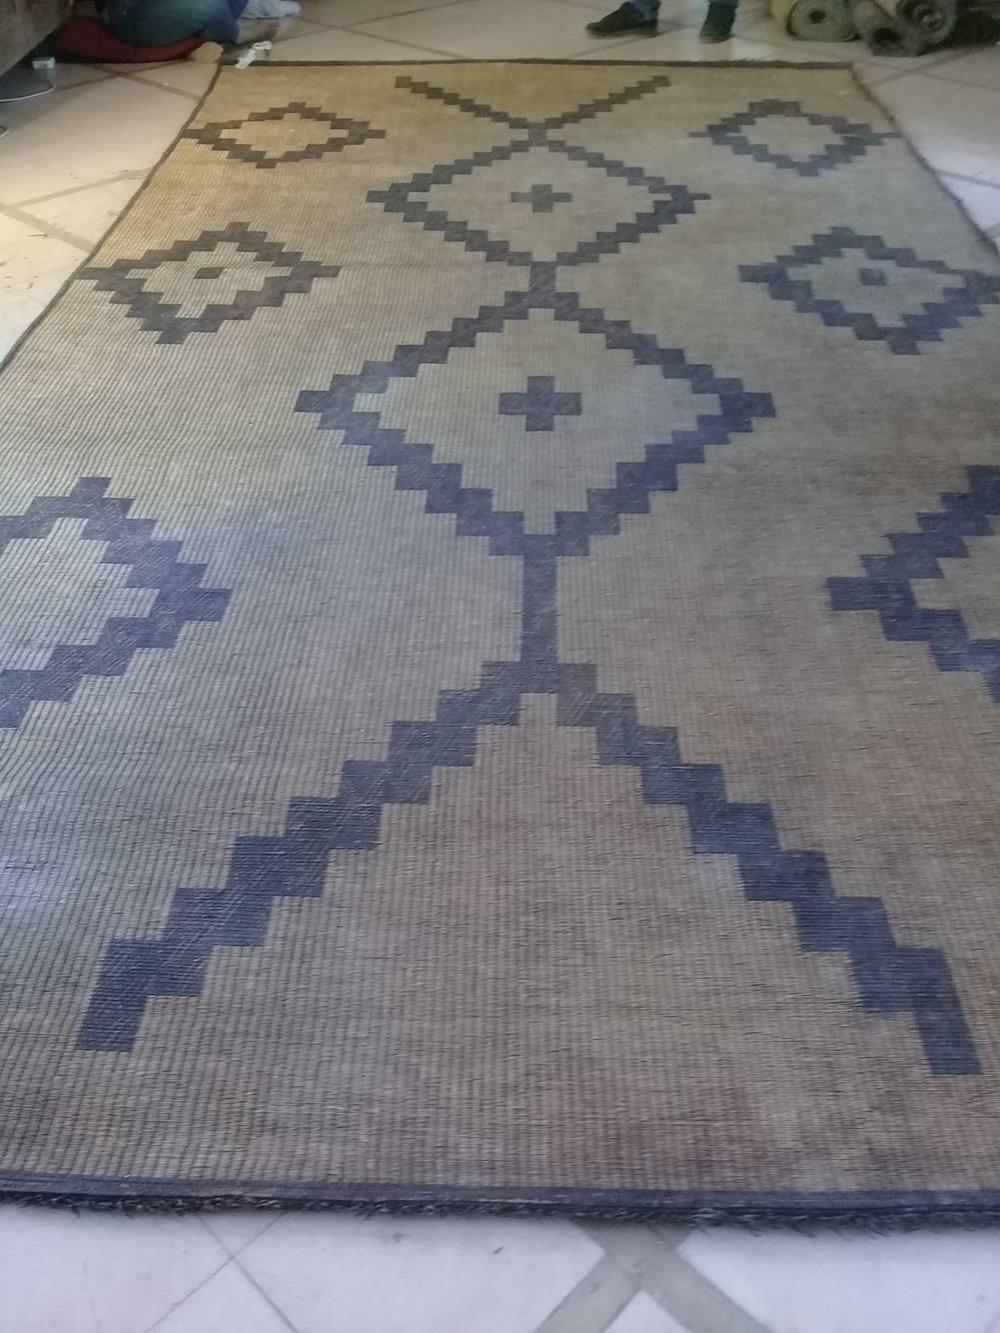 Mauritania-Tuareg-Mat-Original-Moroccan-Berber-Carpets.jpg